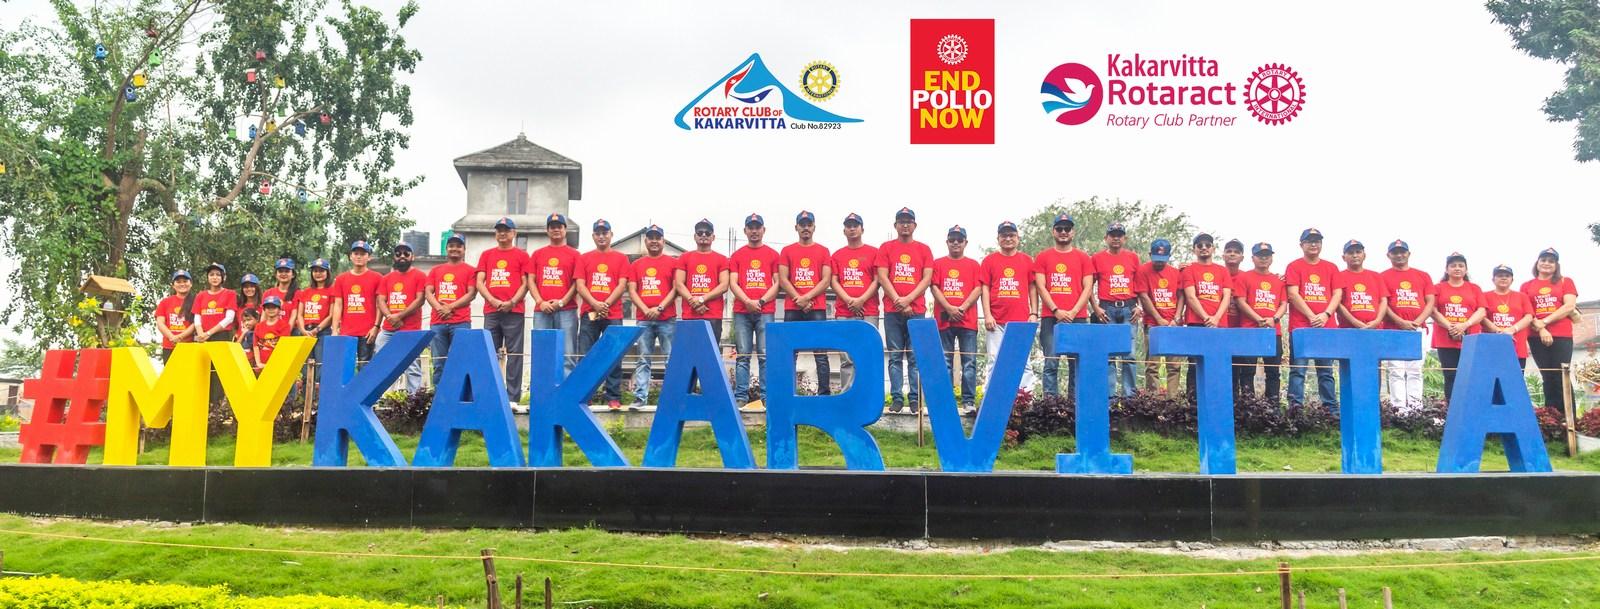 Polio Day In Ward Office Mechinagar Municipality Rotary Club Of Kakarvitta 10